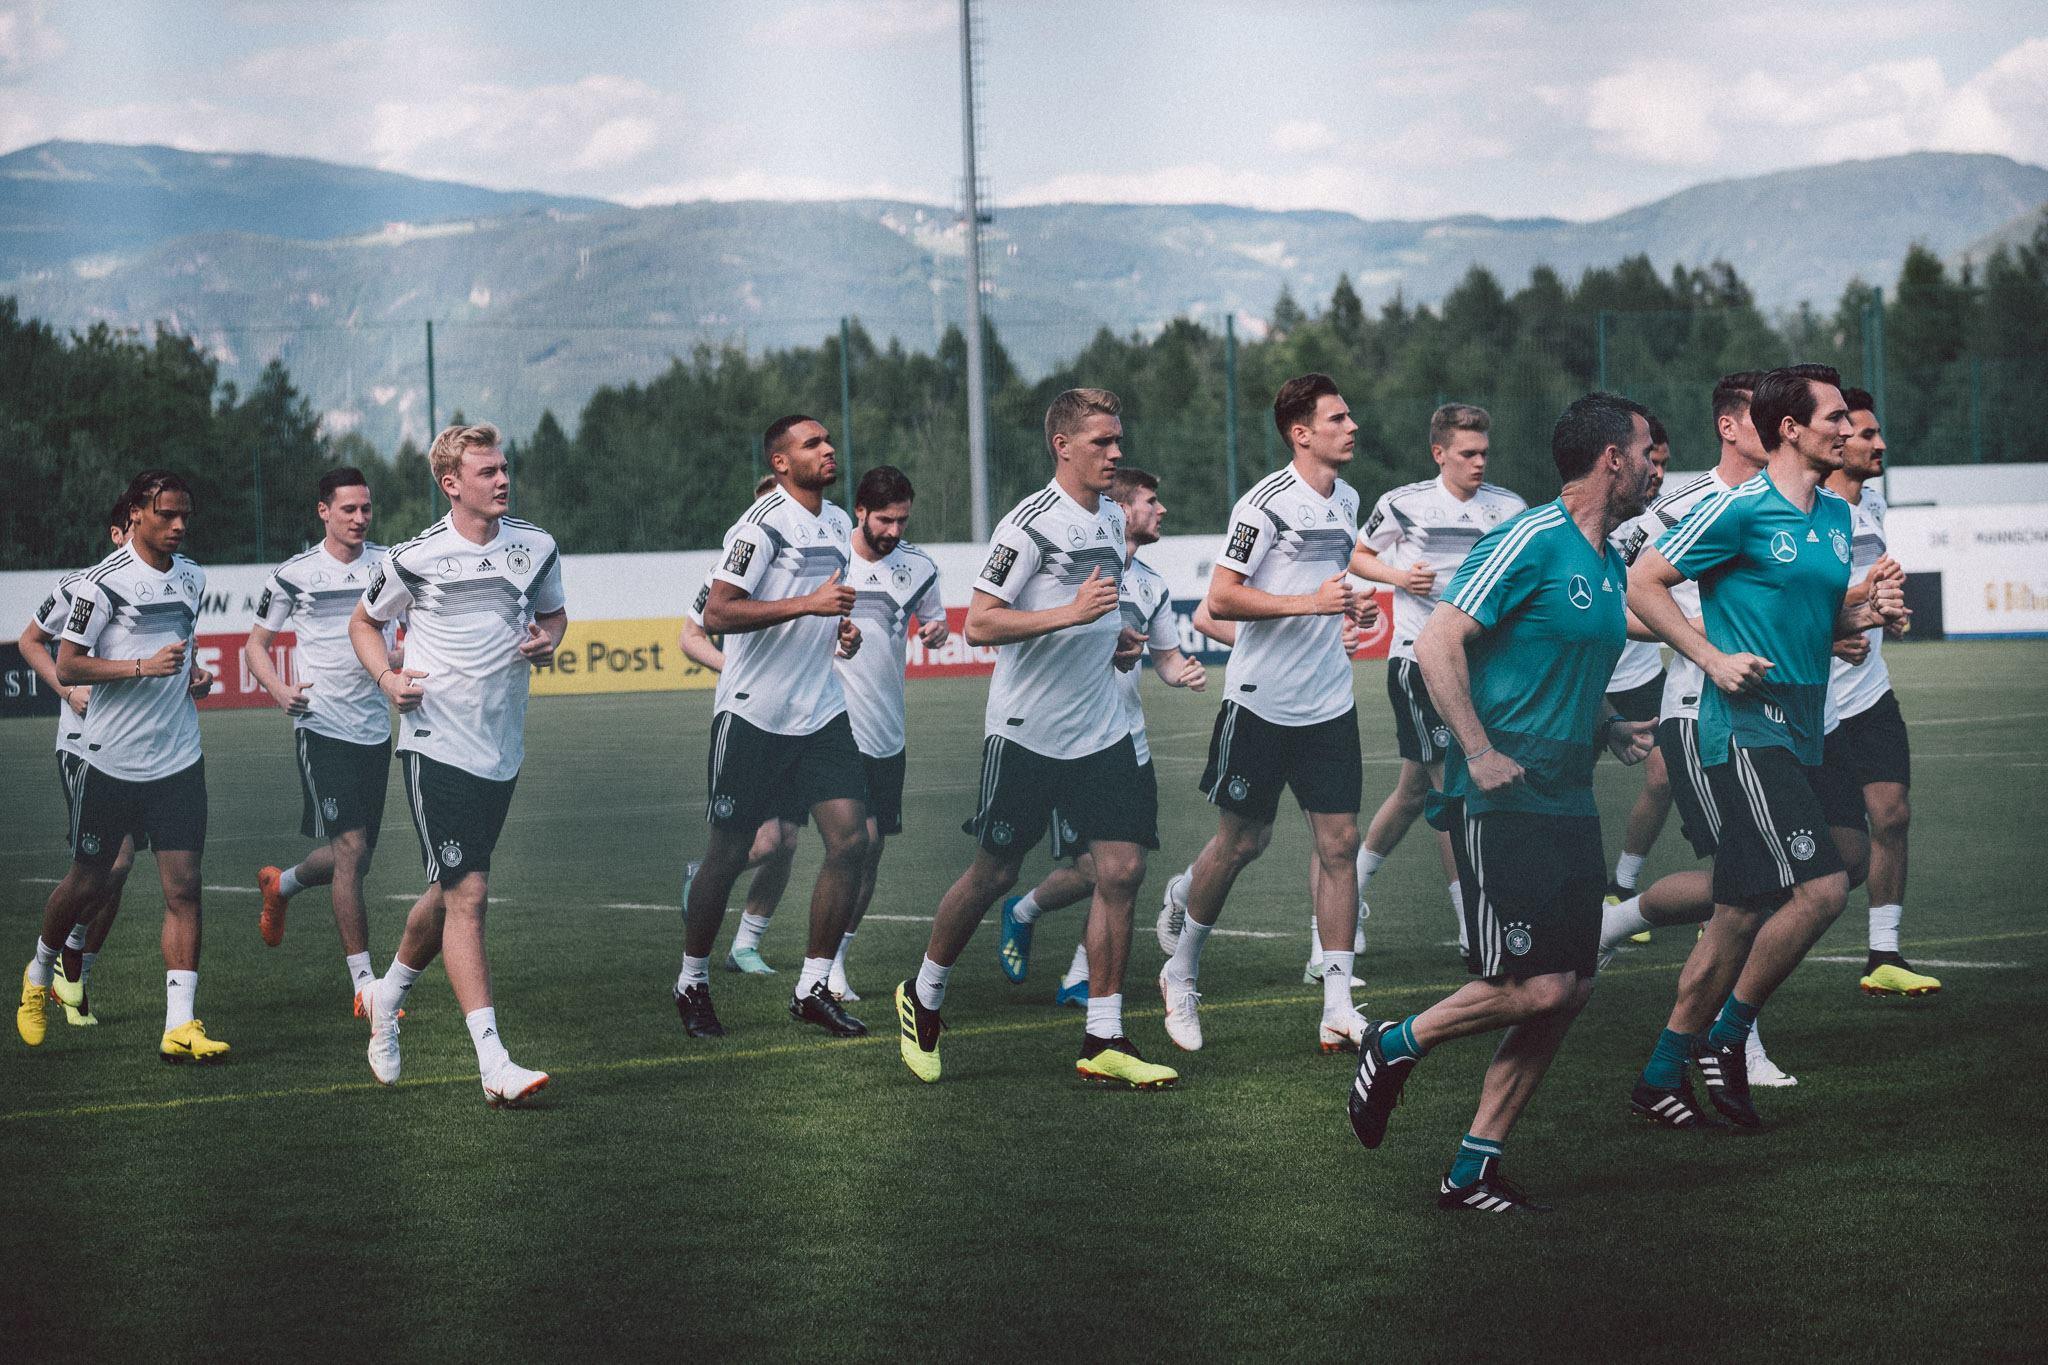 Lotul Germaniei pentru Euro 2020. Nemții se bazează pe experiență: Neuer-Kroos-Muller, axul central al Germaniei